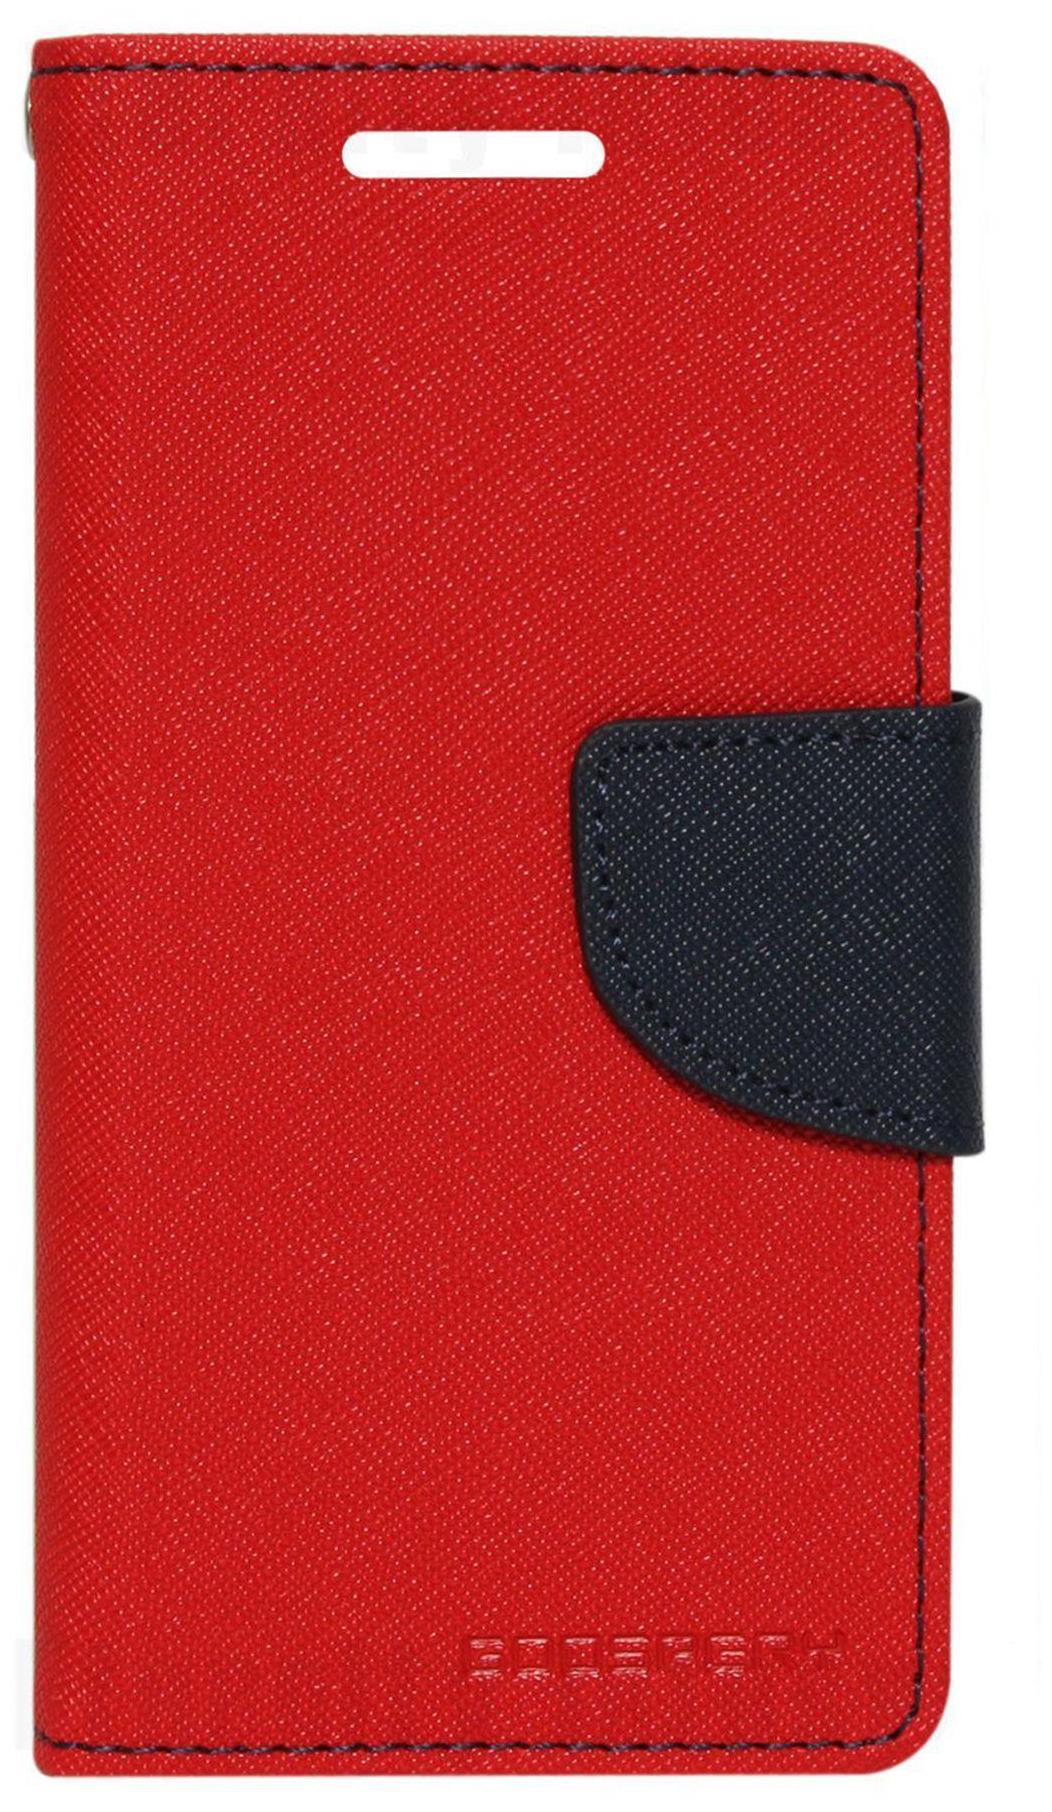 Kes Flip Cover For Vivo V3